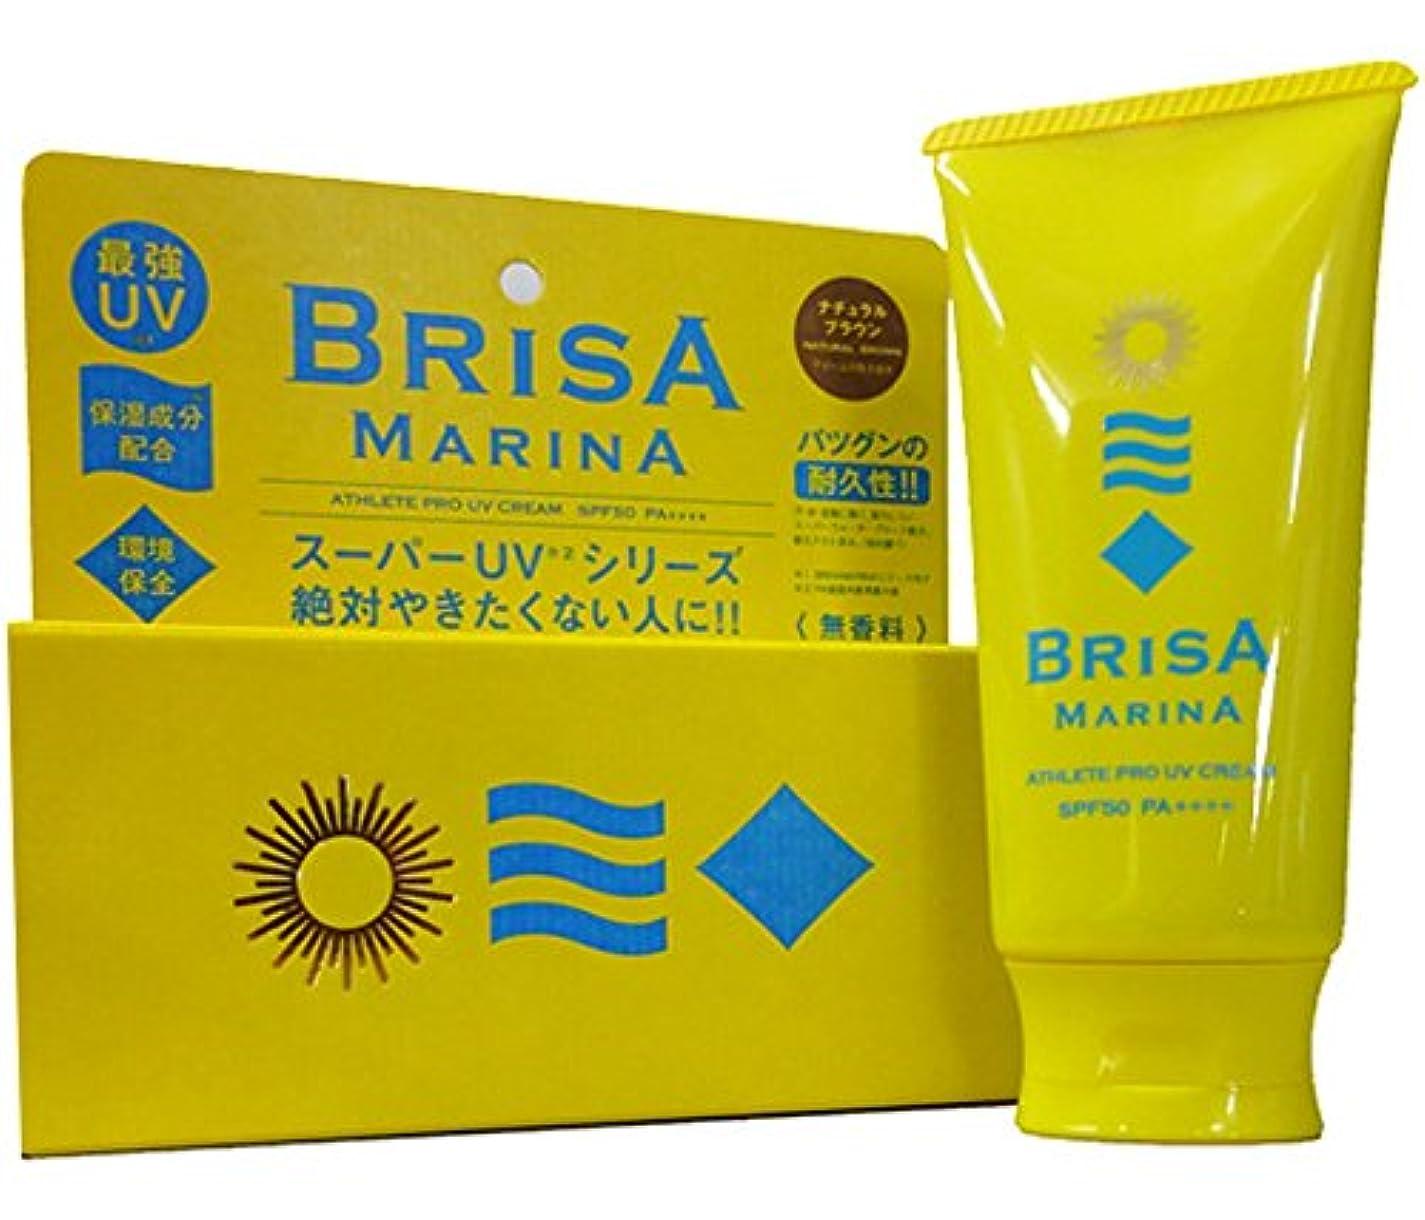 苗連想ニコチンBRISA MARINA(ブリサマリーナ) ATHLETE PRO UV CREAM 70g 日焼け止め クリーム